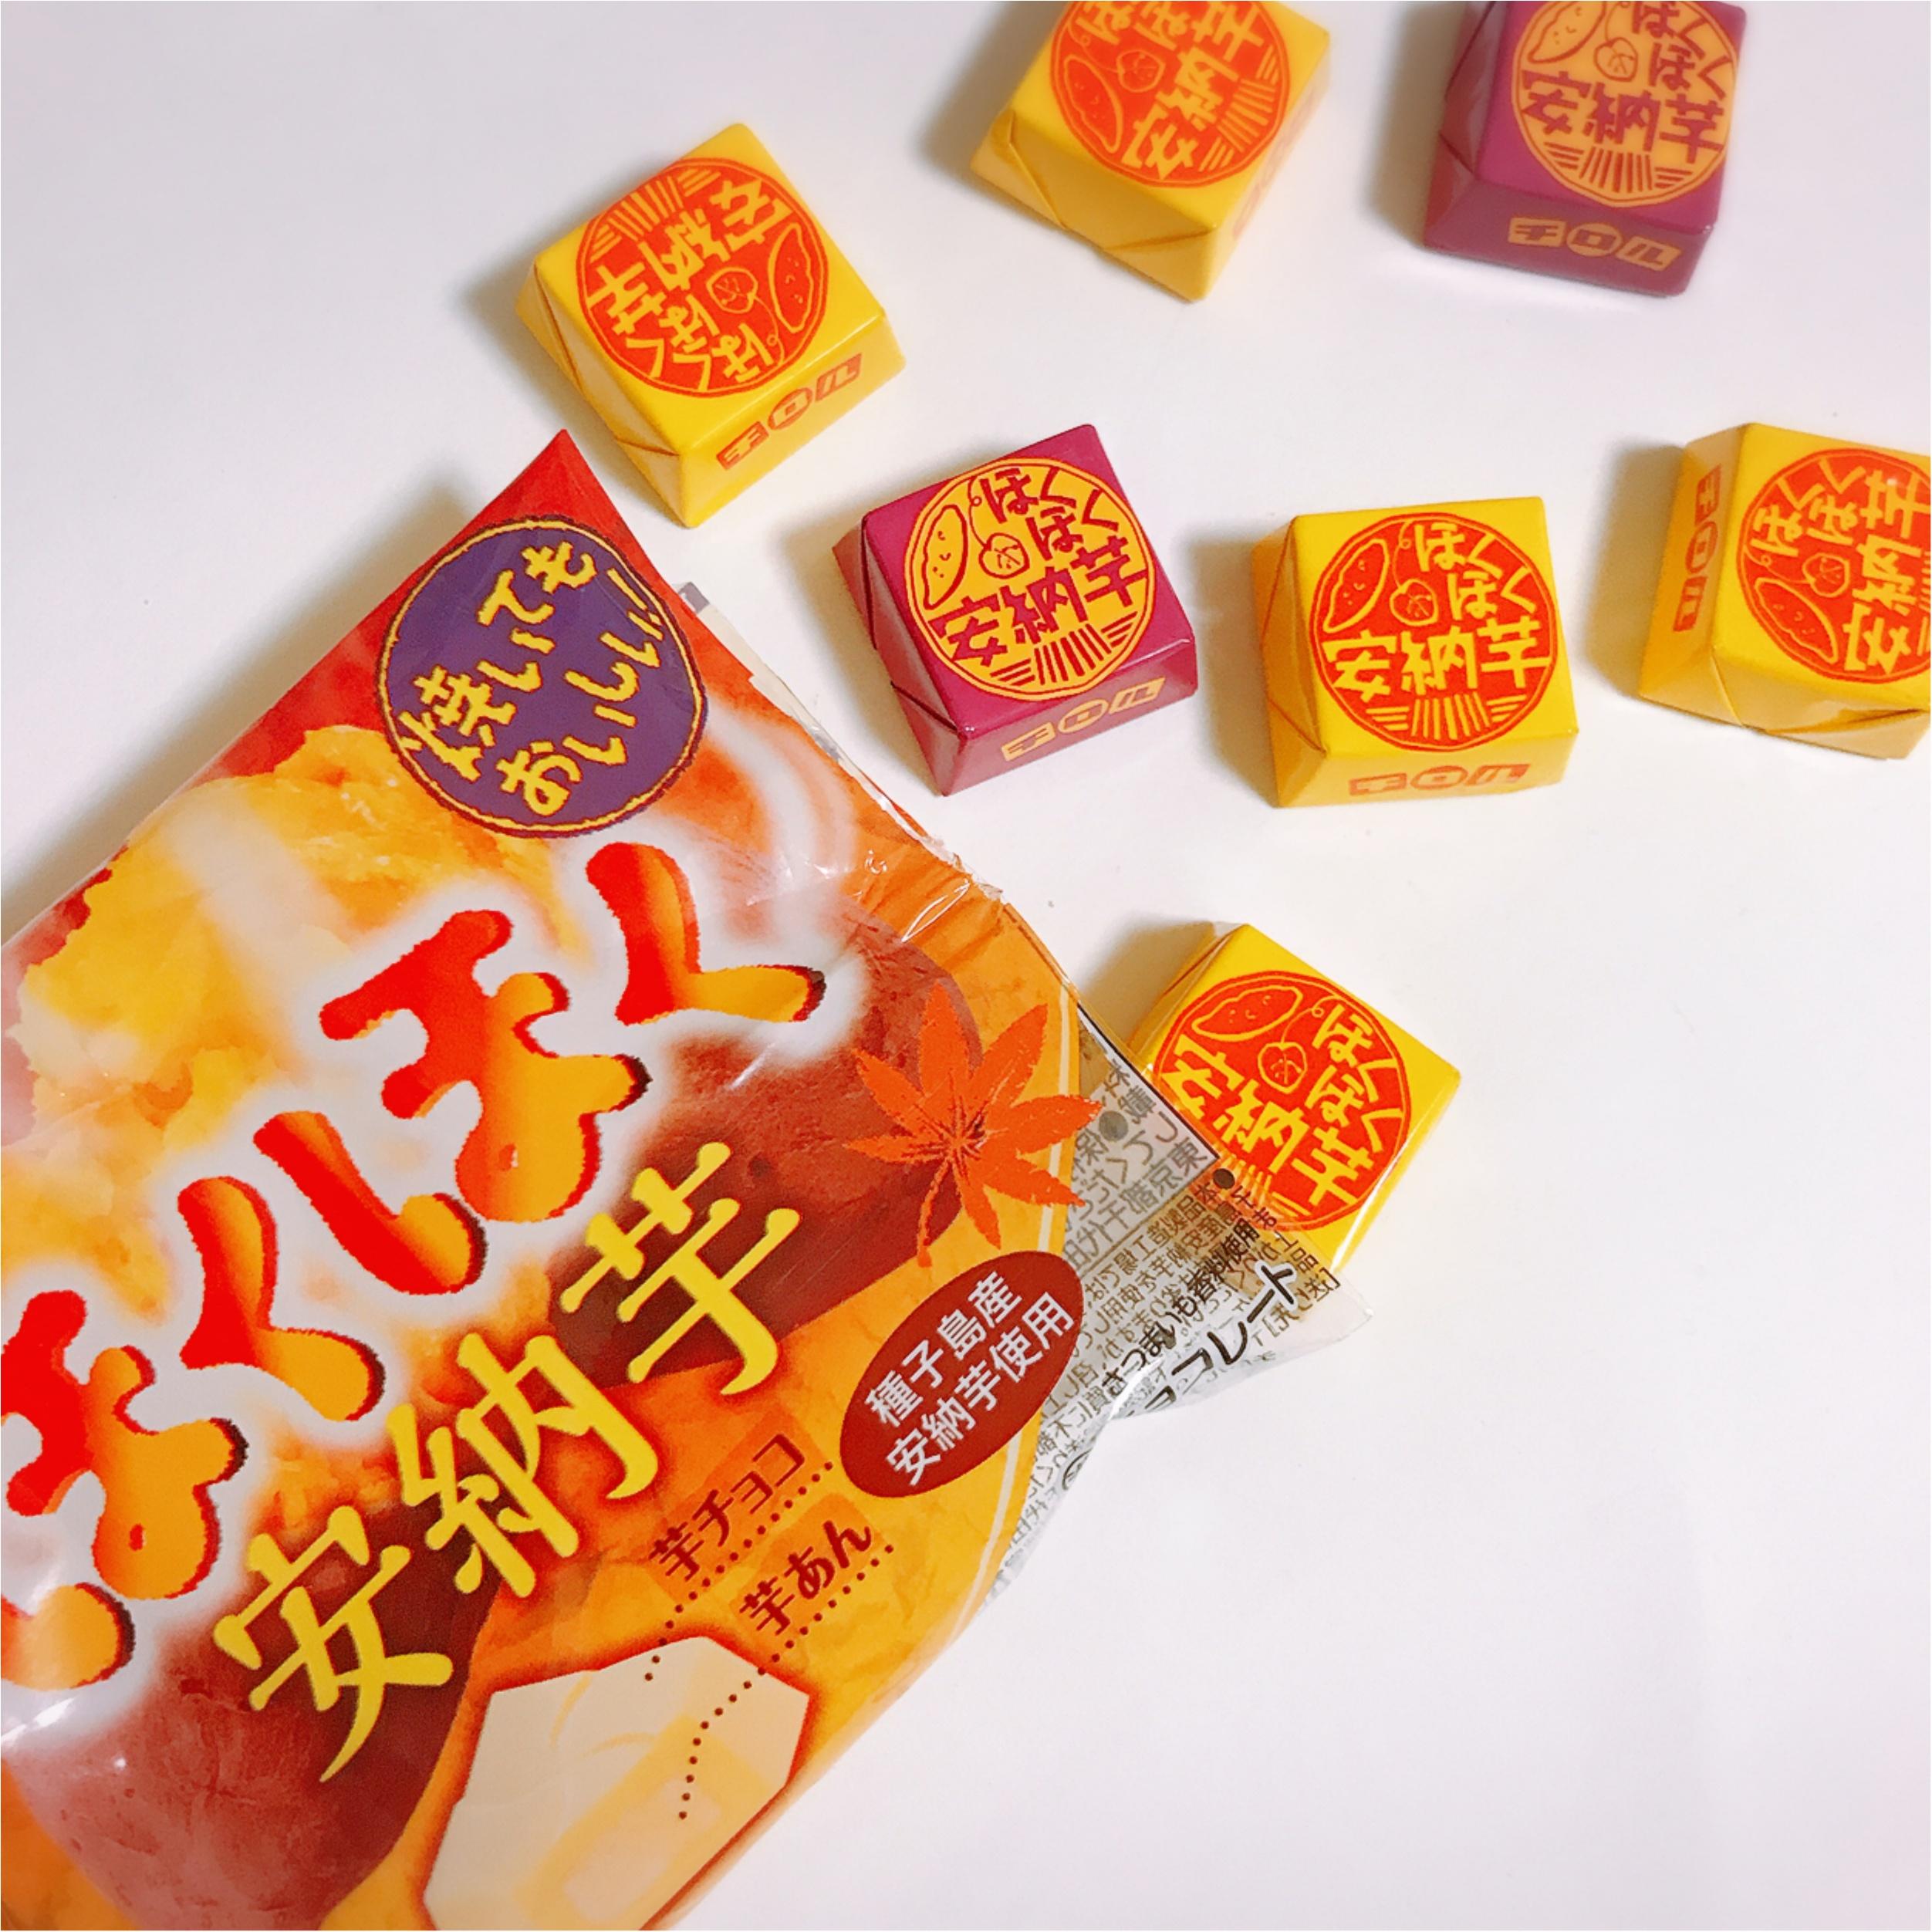 """チョコなのにほくほく!?【チロルチョコ】秋の新作フレーバー""""ほくほく安納芋""""_3"""